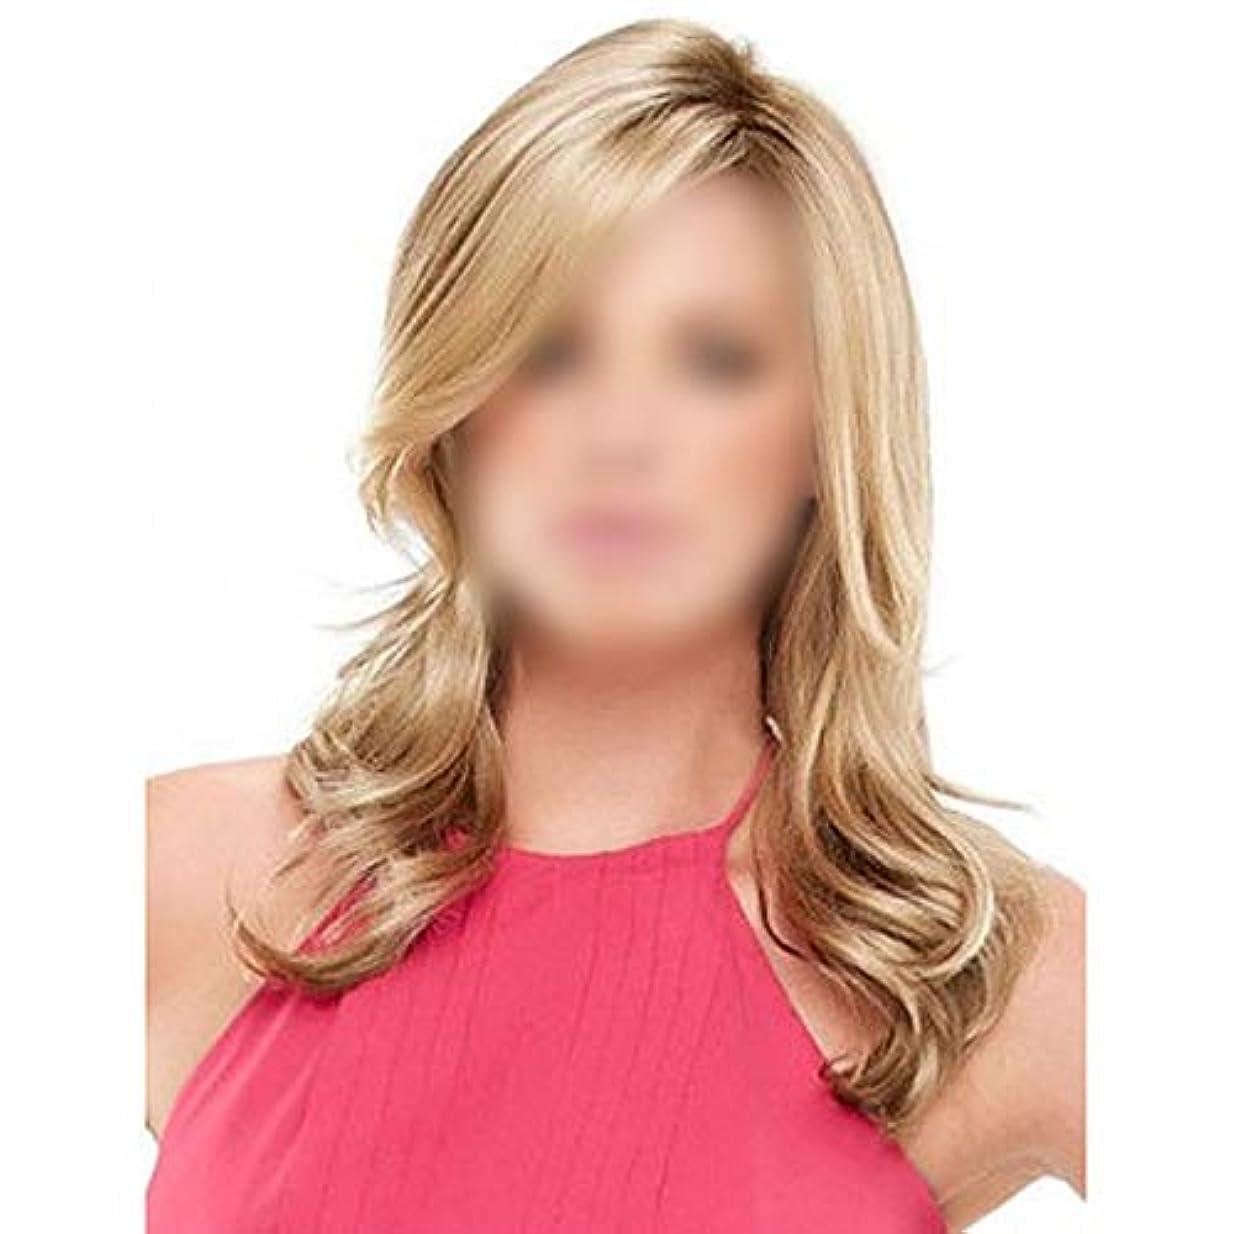 花火黙がっかりしたWASAIO 斜め前髪の長いウェーブのかかった巻き毛ウィッグ女性のスタイルの交換のためのアクセサリー毎日のドレス耐熱繊維 (色 : Blonde, サイズ : 70cm)